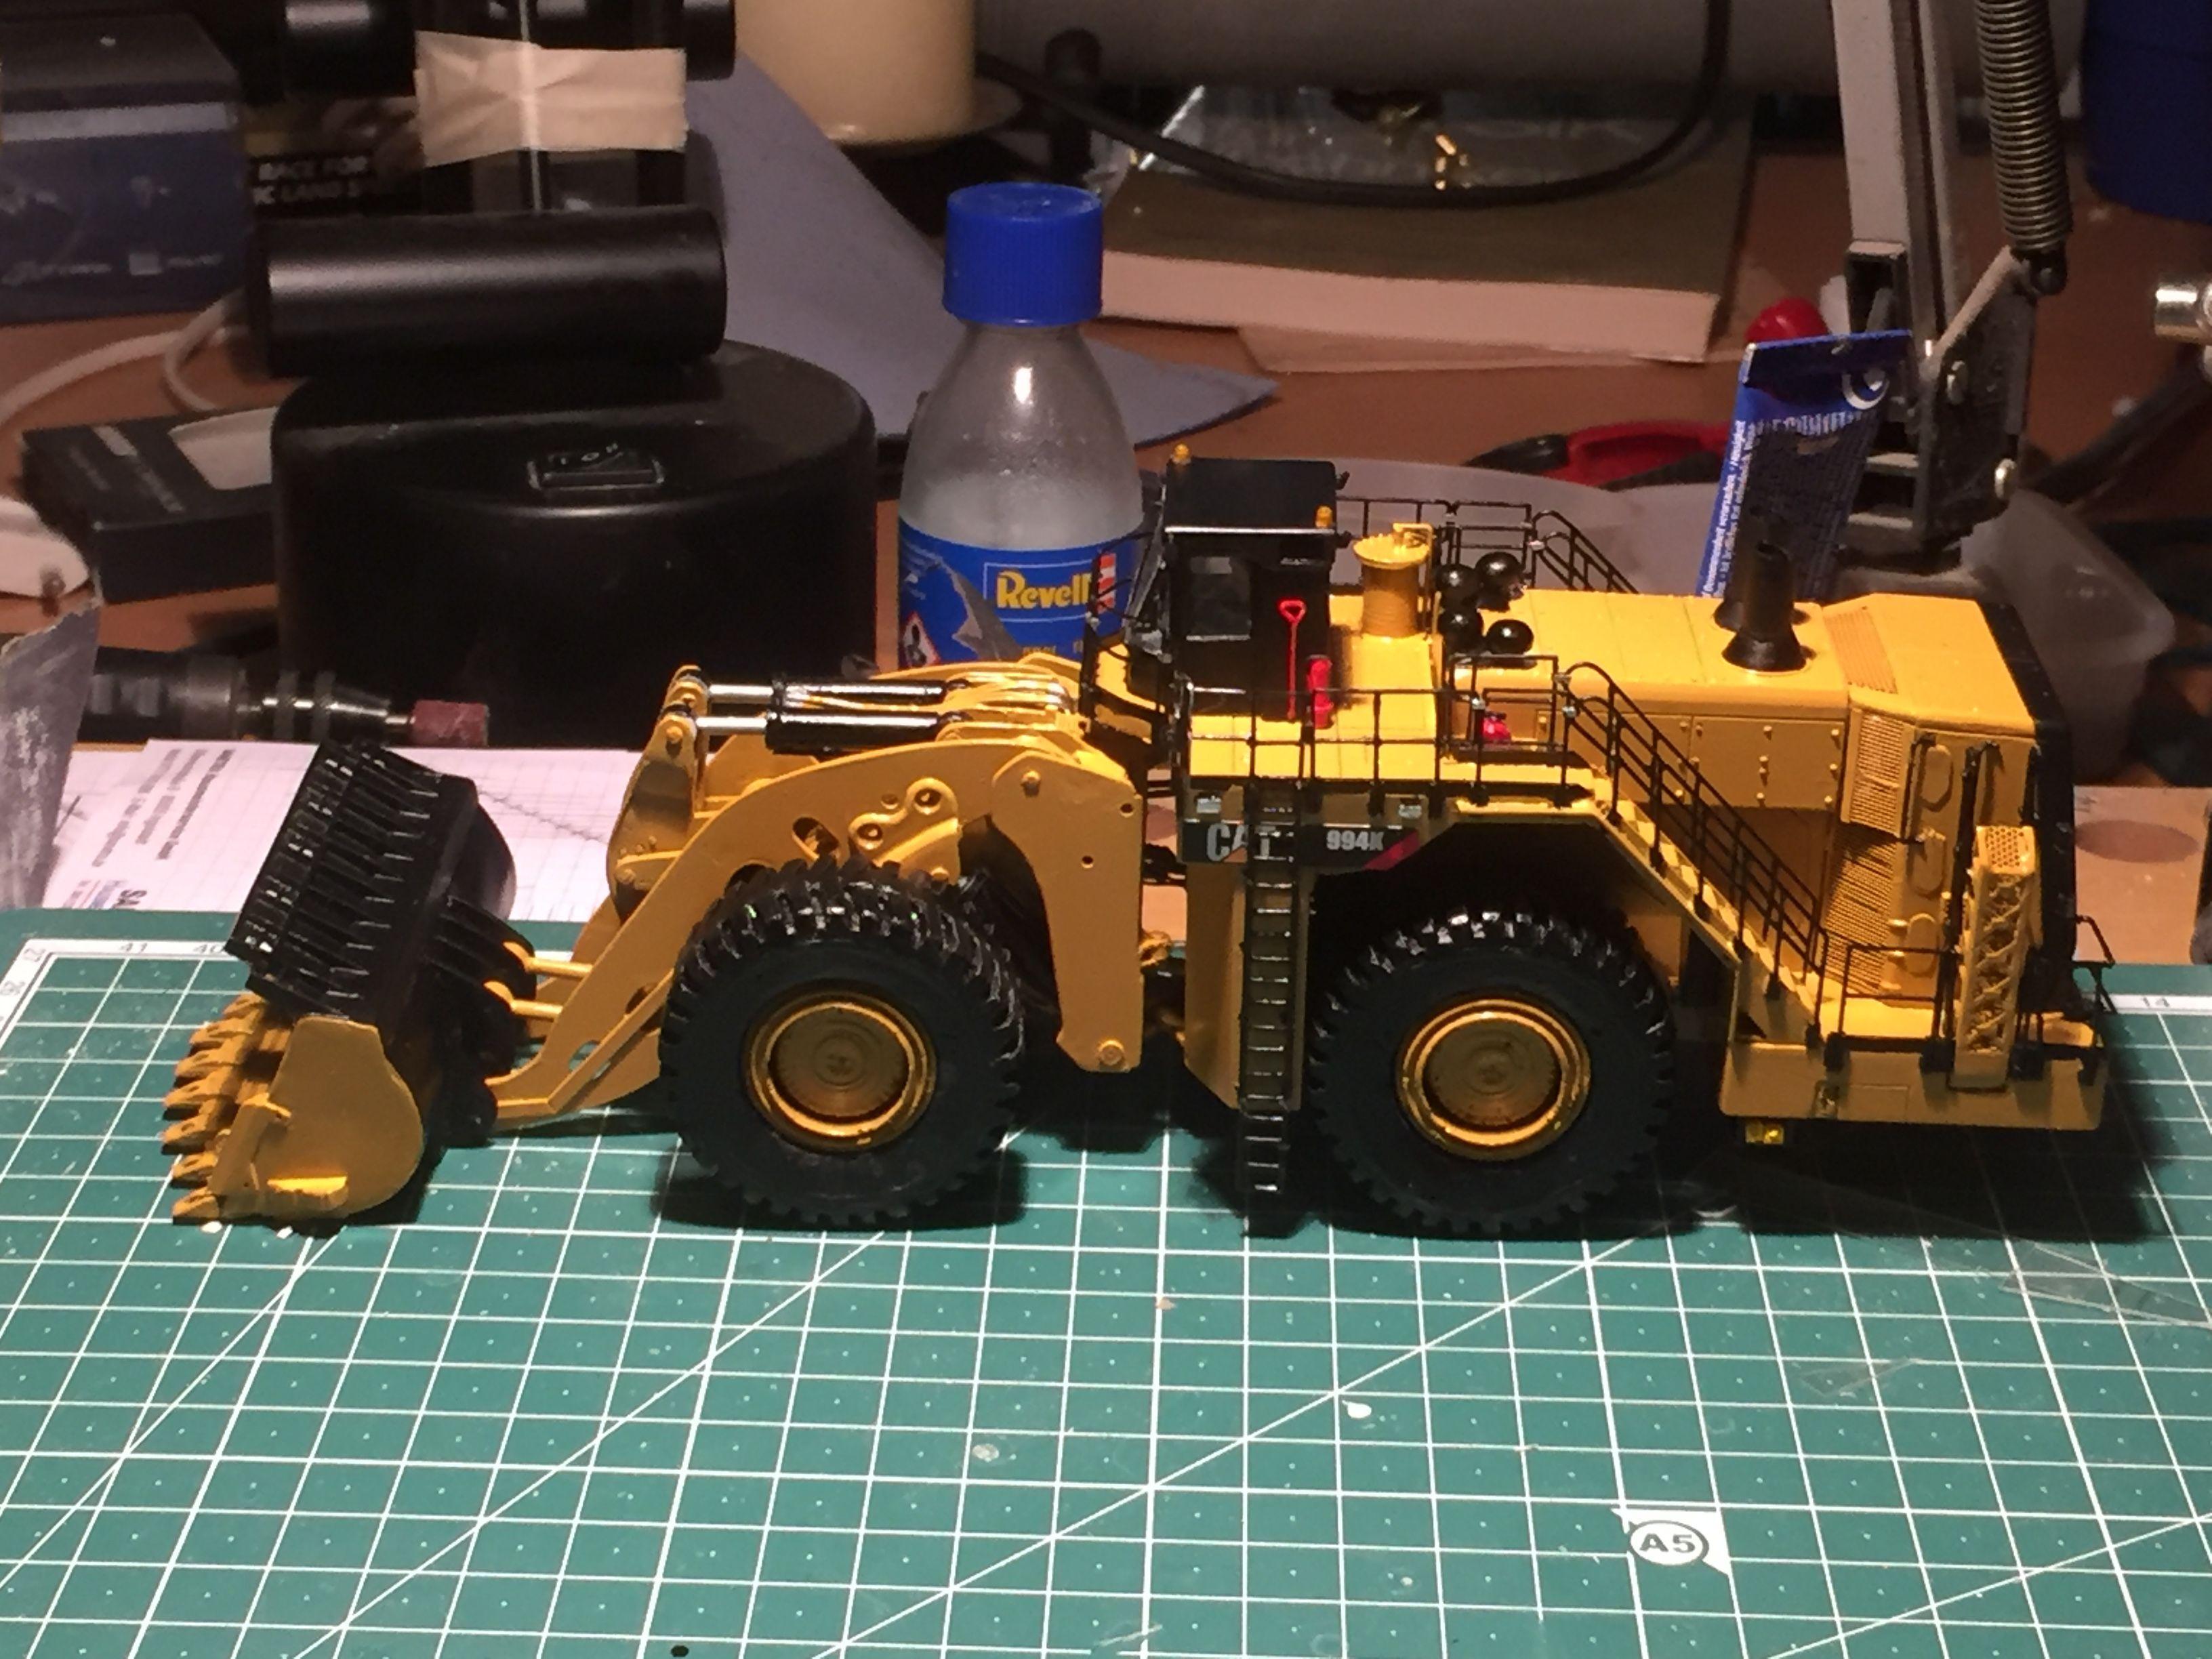 Cat Radlader Spielzeug